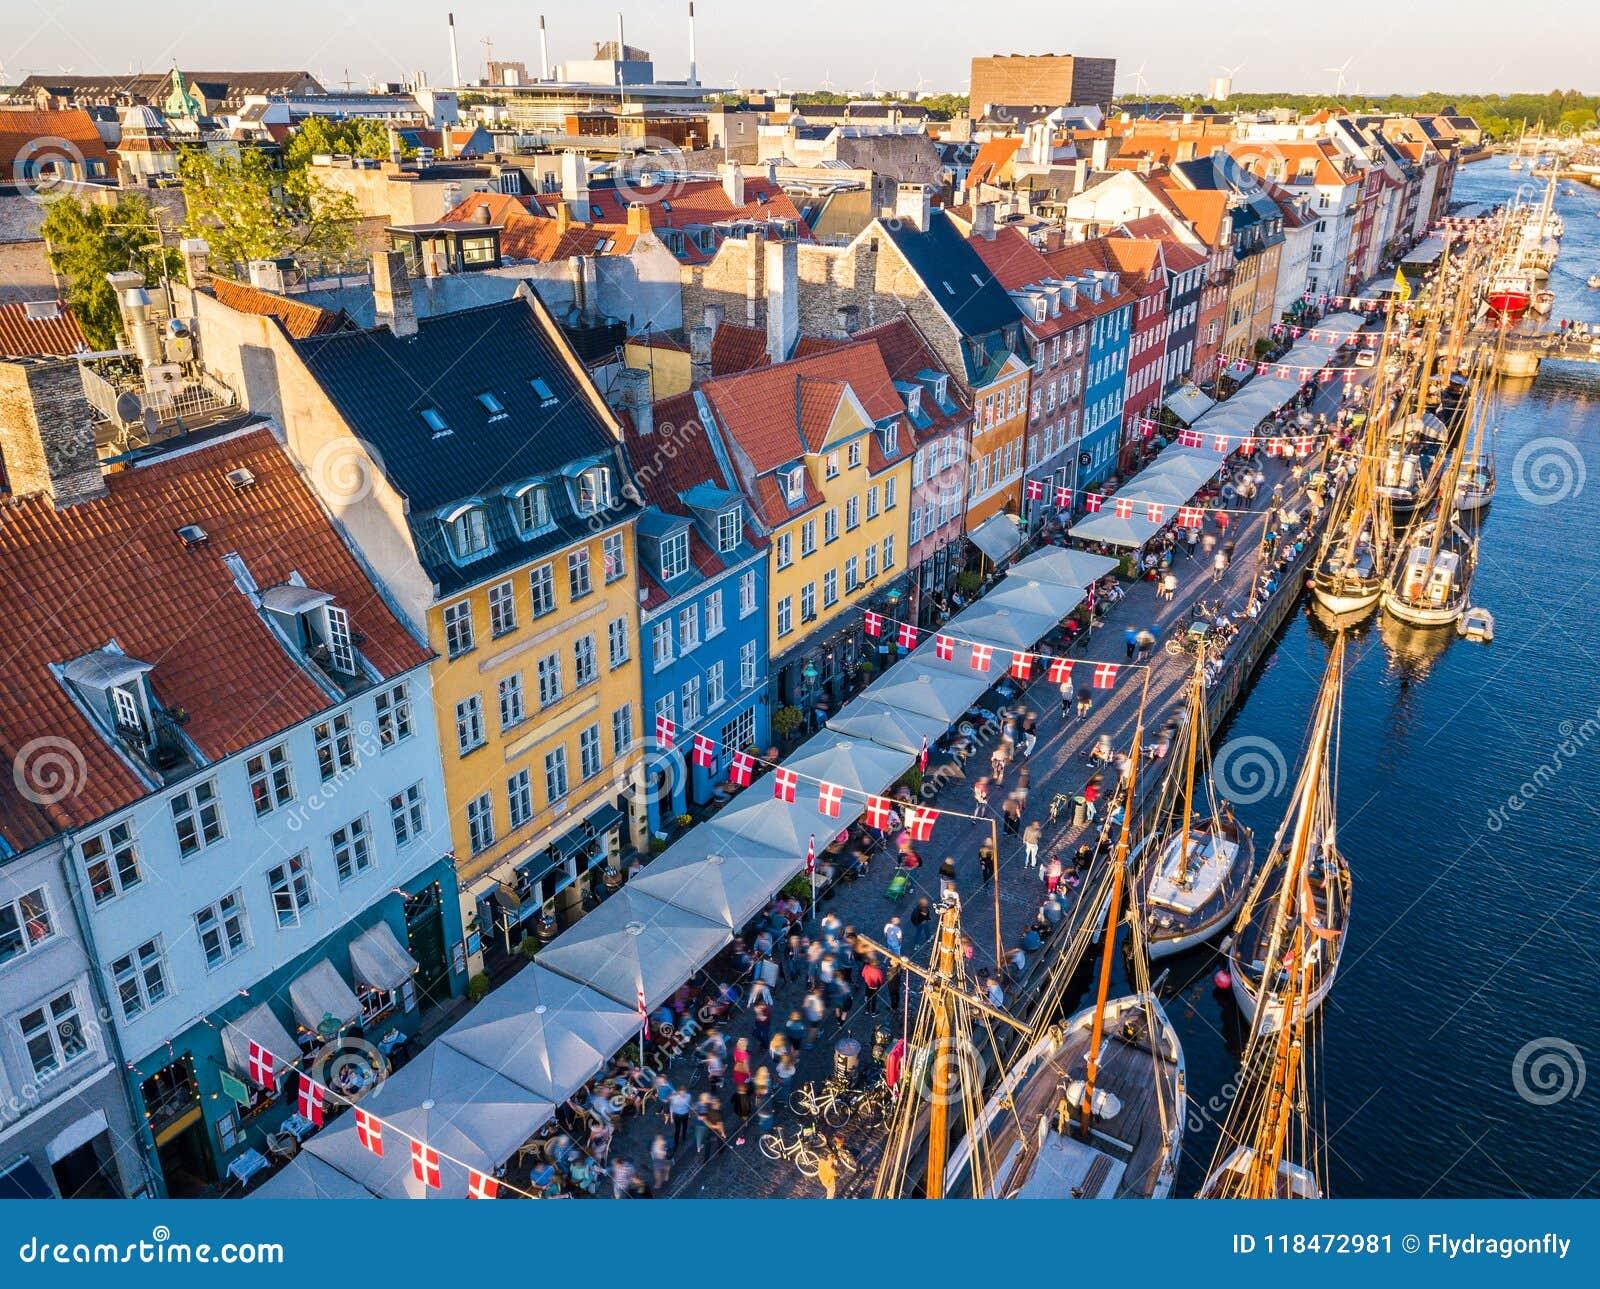 Nuovo distretto del canale e di spettacolo del porto di Nyhavn a Copenhaghen, Danimarca Il canale harbours molti di legno storici